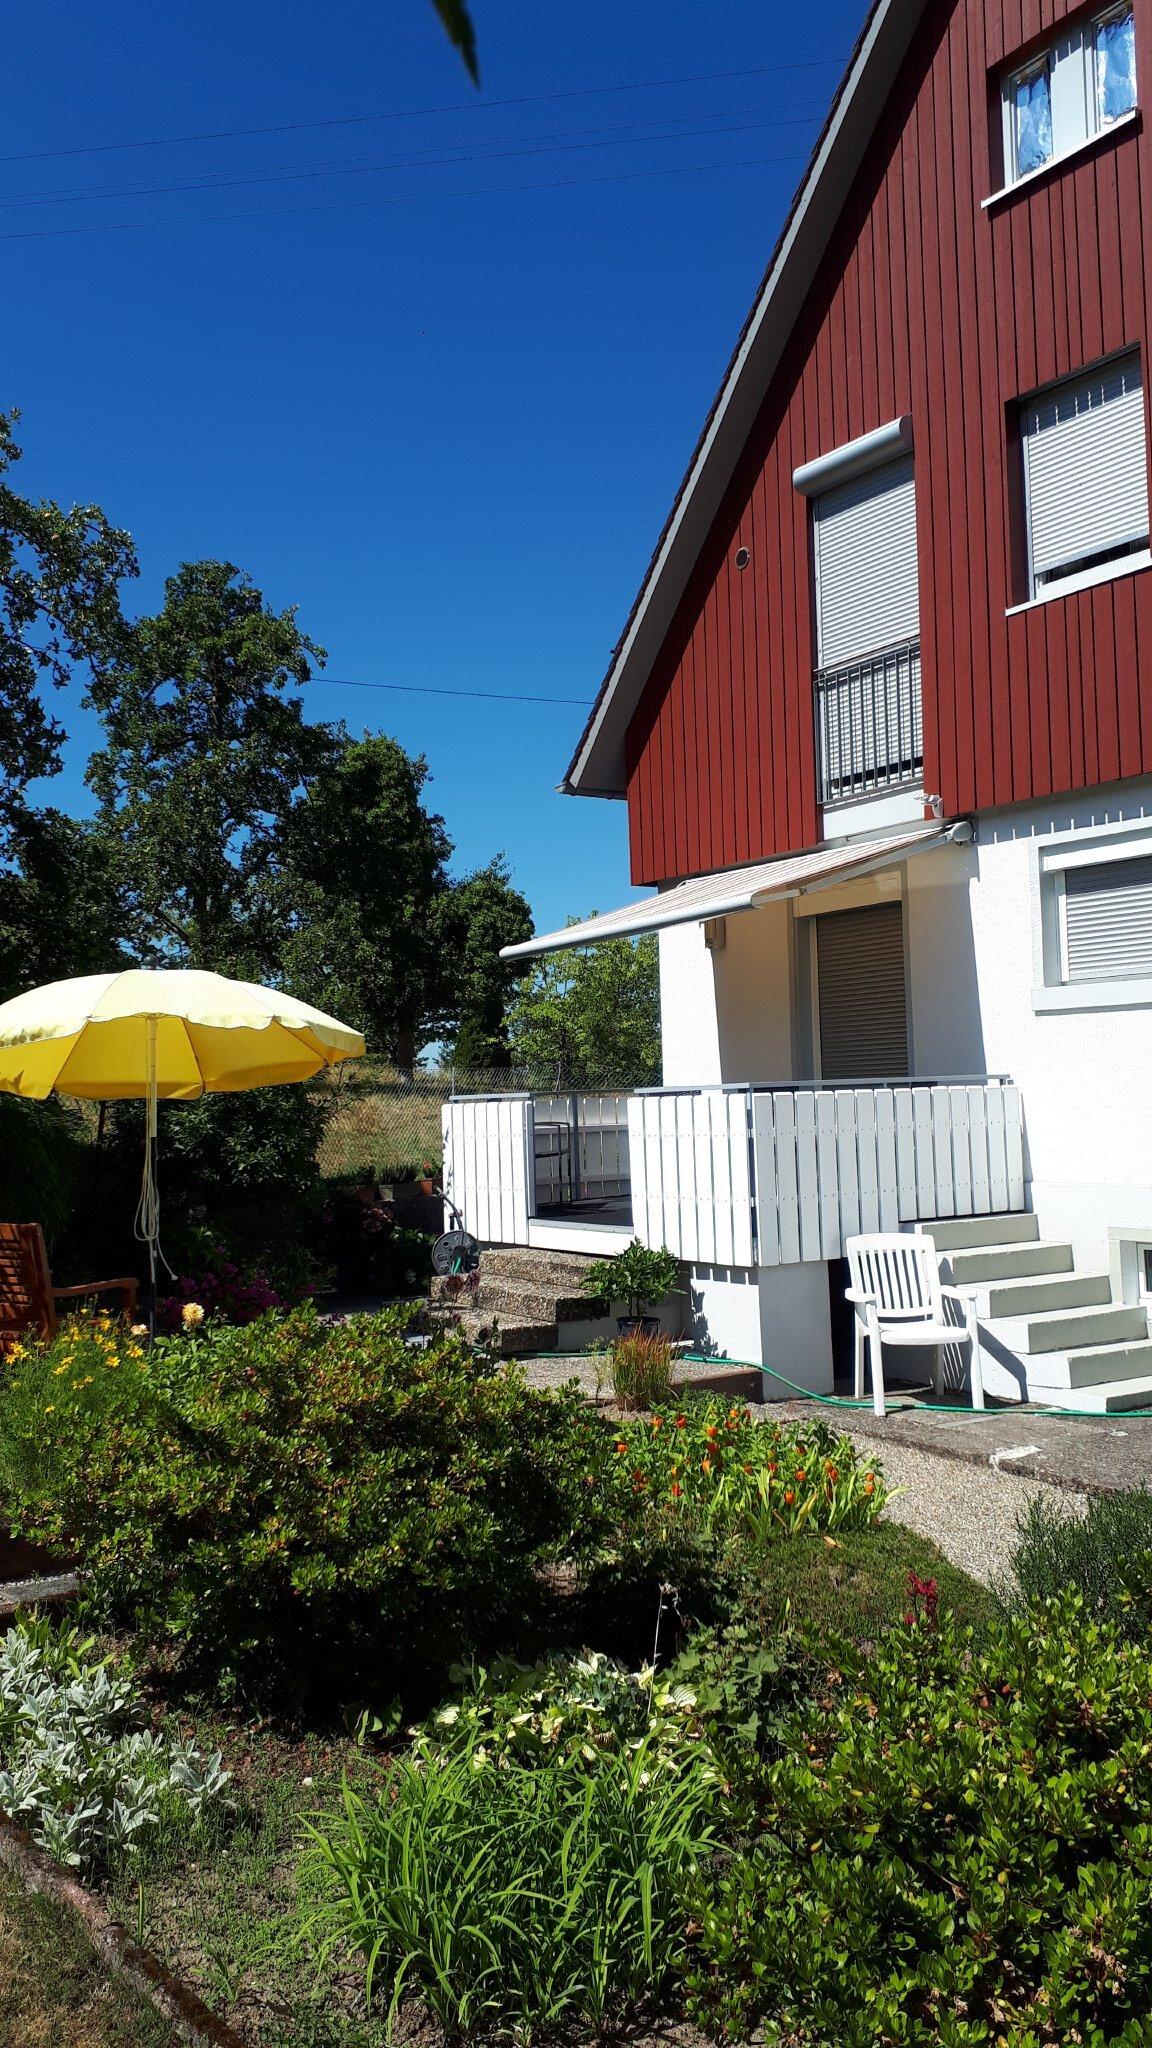 Haus-Rückseite mit Garten